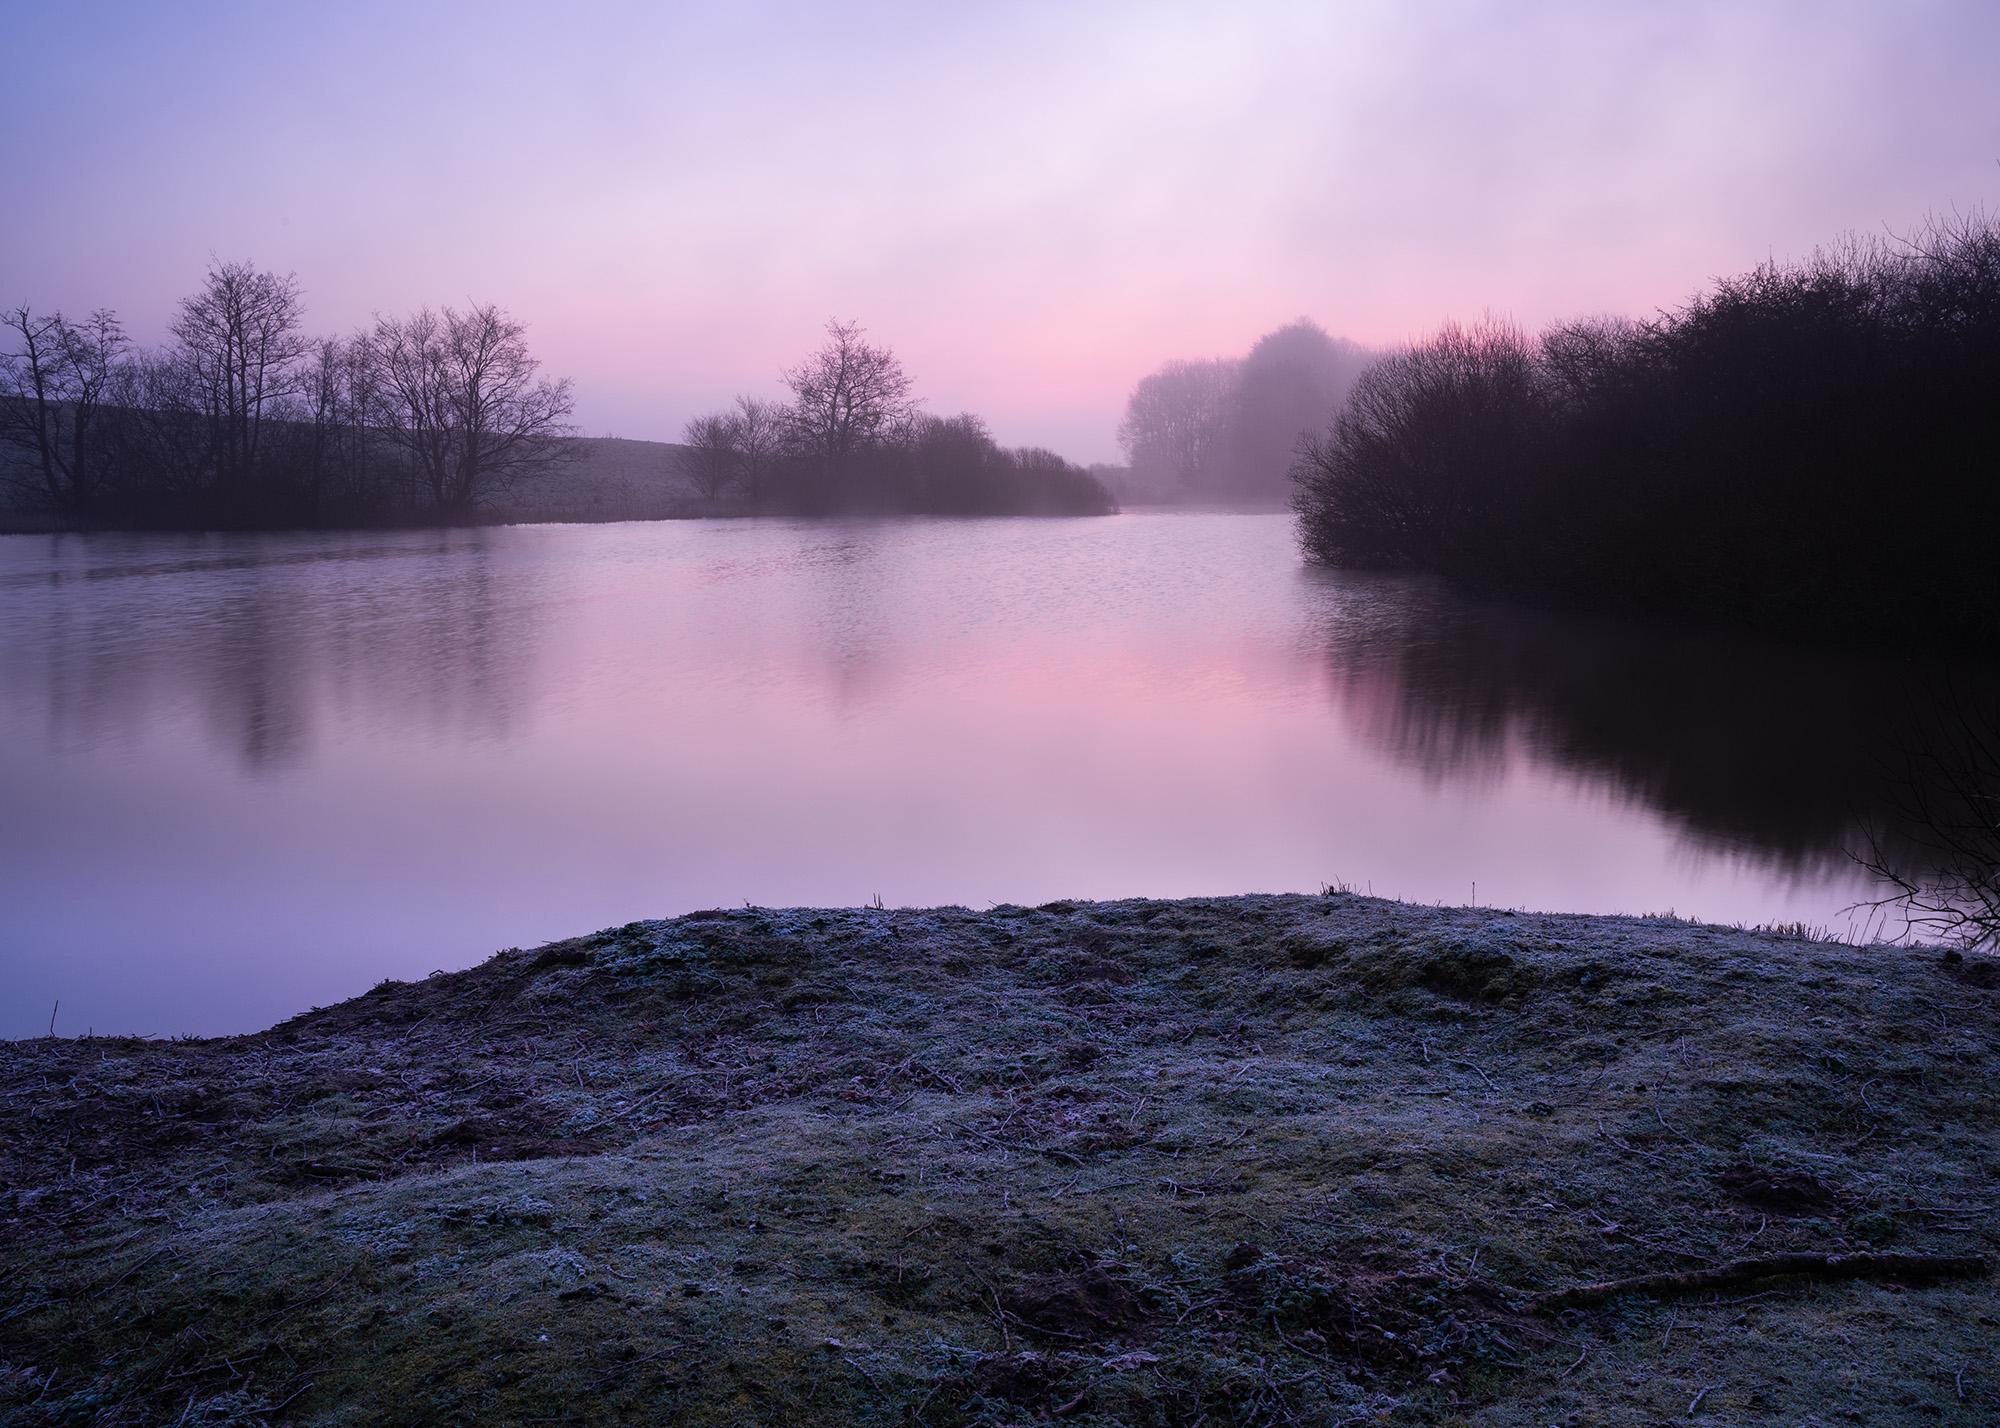 Udsigt over en stille sø, med dis i baggrunden, og røde nuancer i himlen.